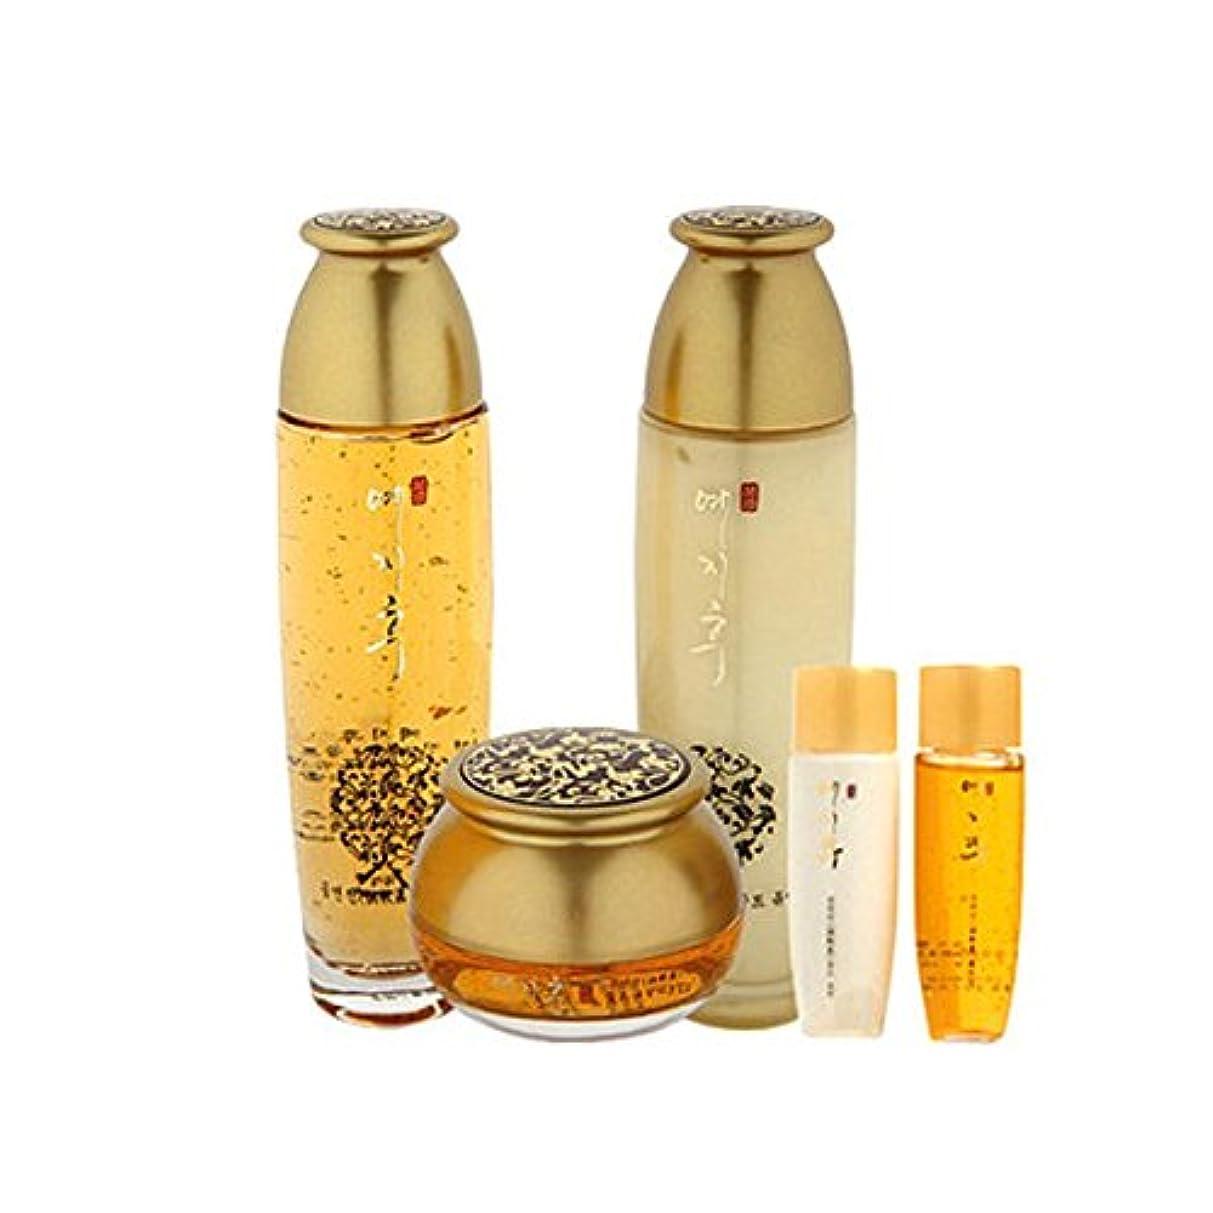 店員九月目立つ[韓国コスメYEZIHU]99.9% Pure Gold Skin Care Set 99.9%ピュアゴールド漢方スキンケア3セット樹液/乳液/クリーム [並行輸入品]